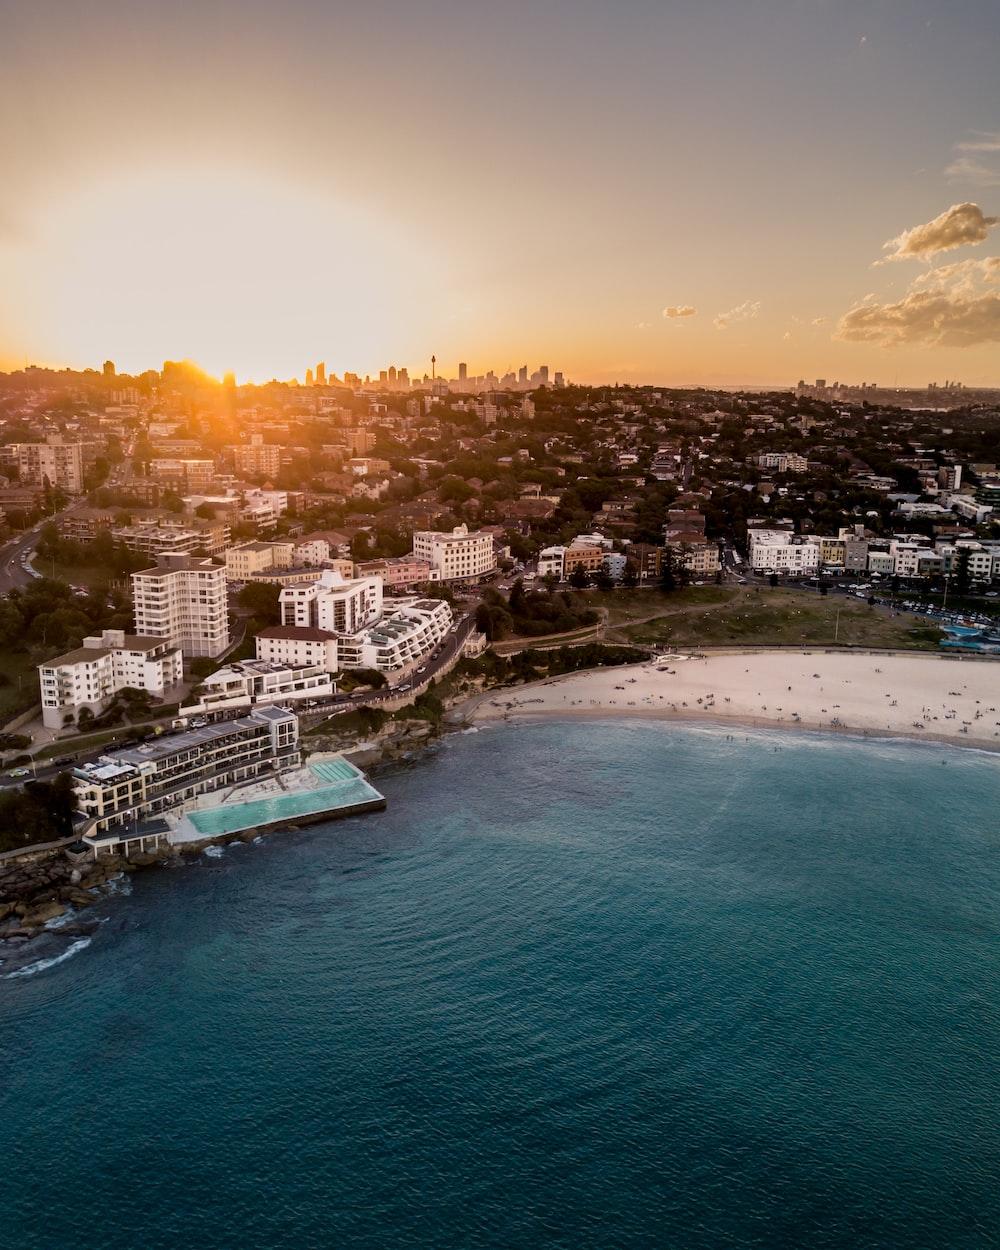 aerial view of hotel resort beside beach